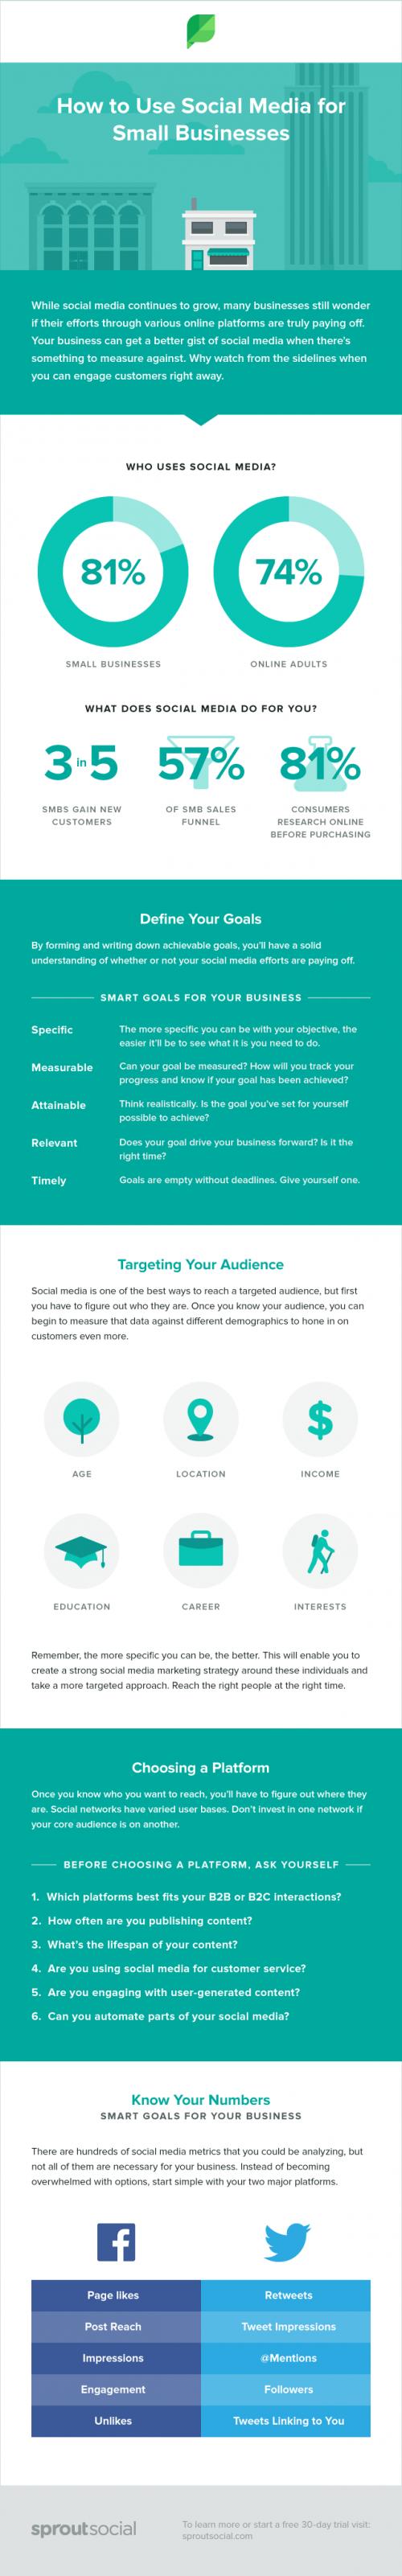 media sociaux dans les petites entreprises